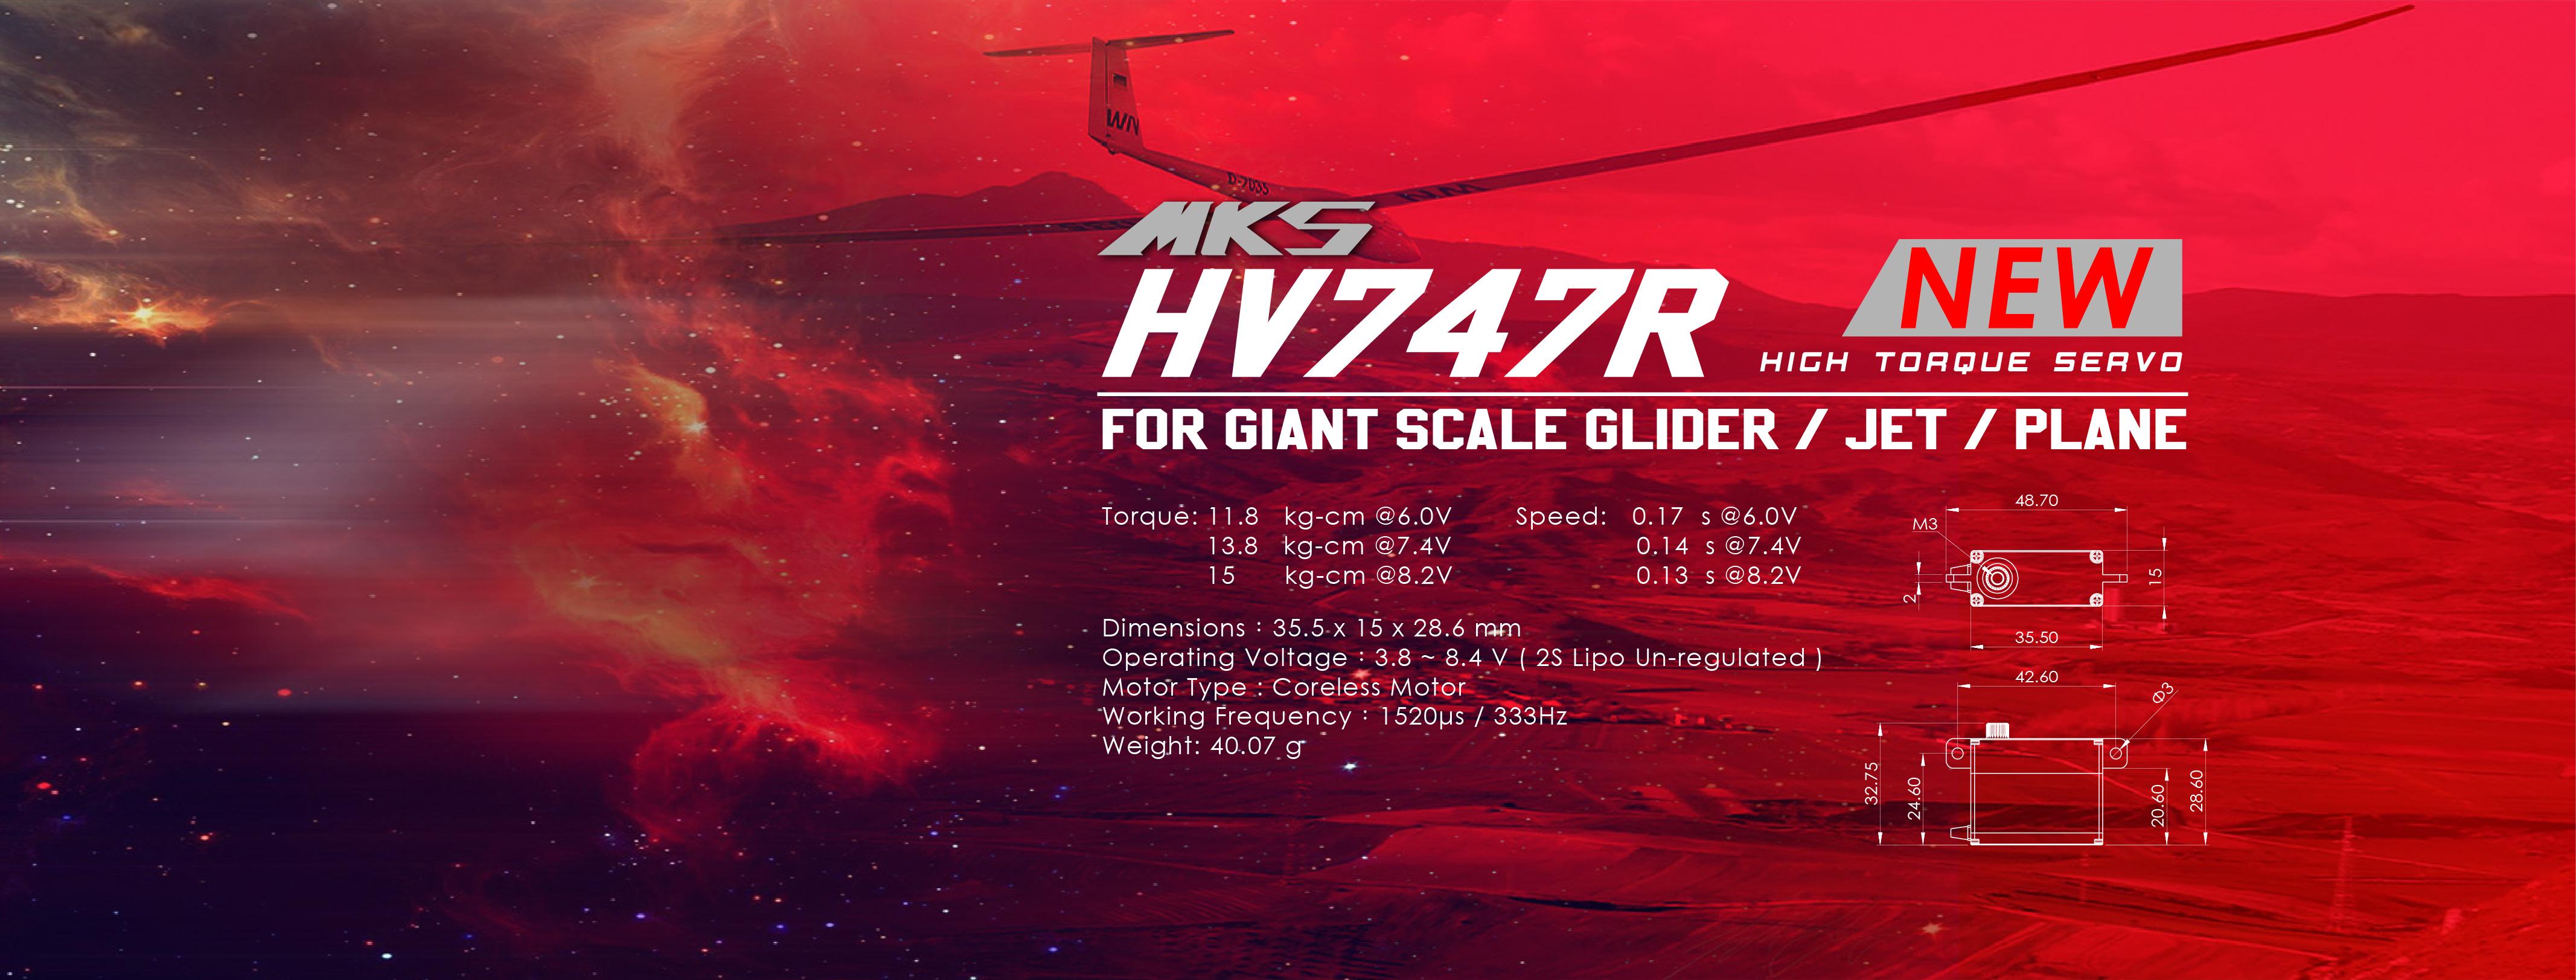 HV747R